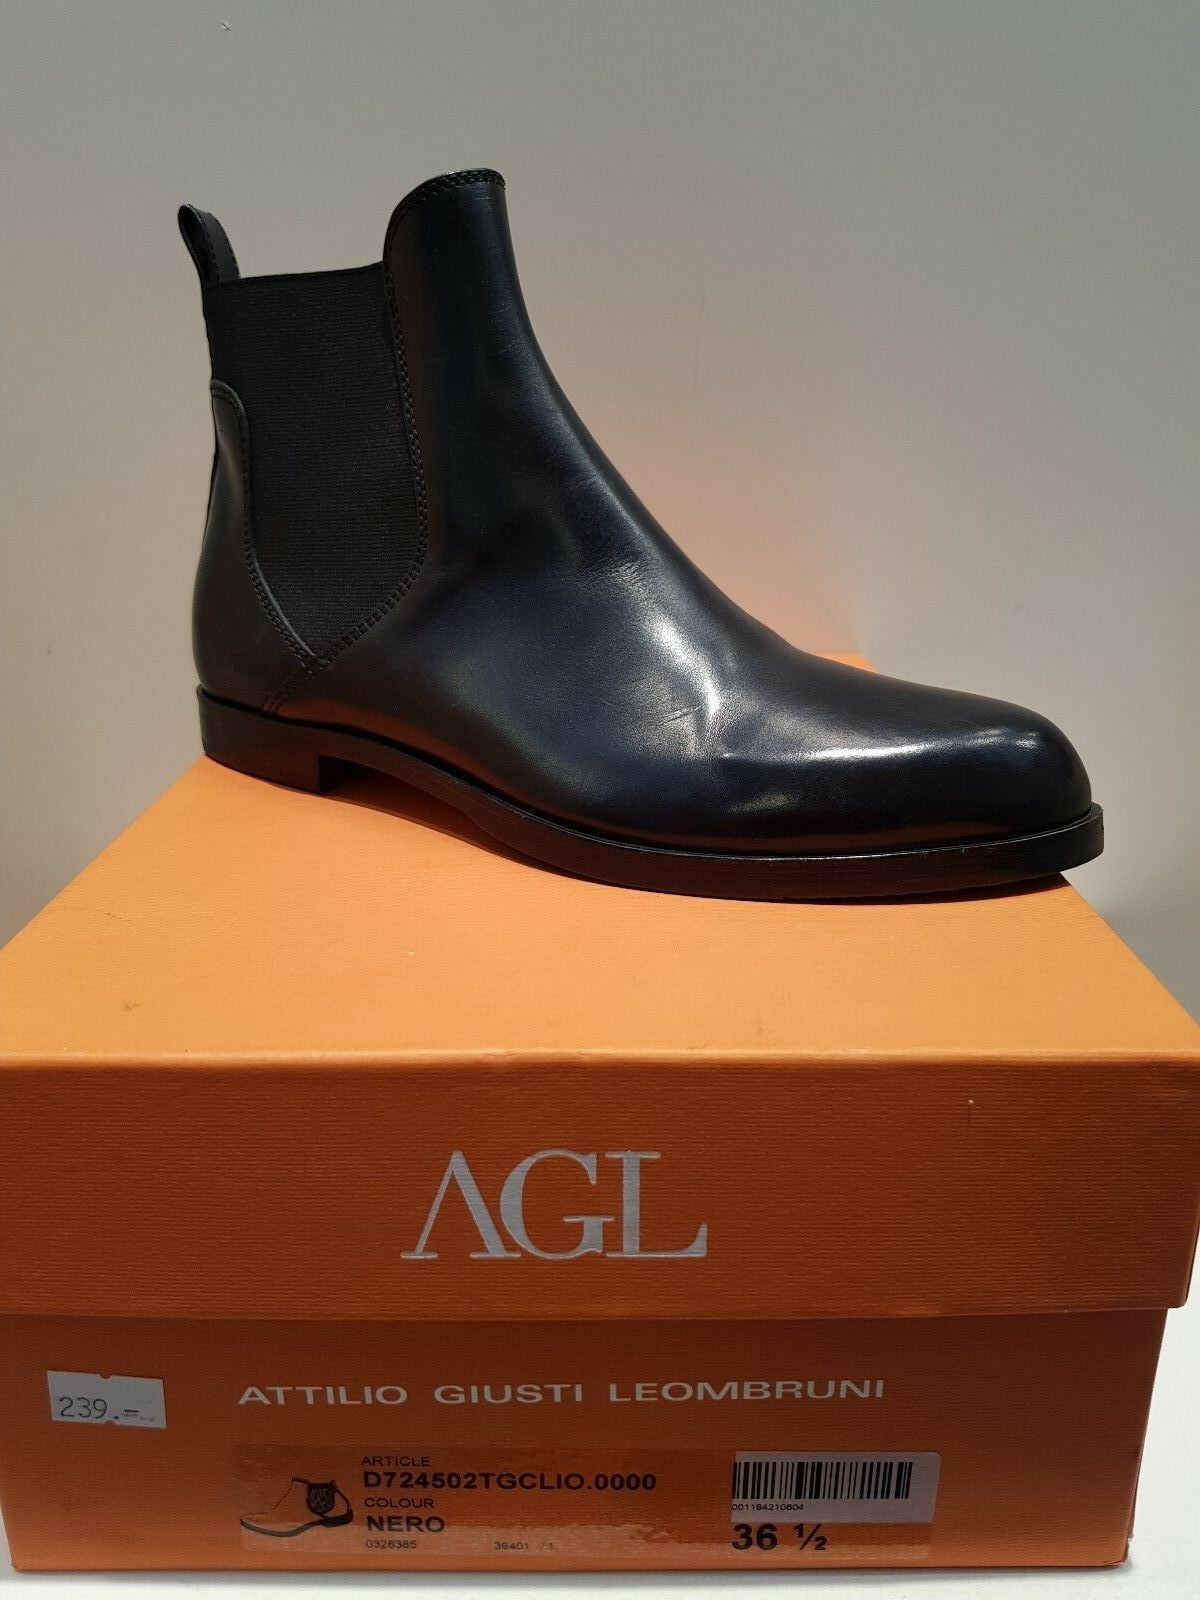 AGL Damen Chelsea Boots Stiefelette    Colour: NERO